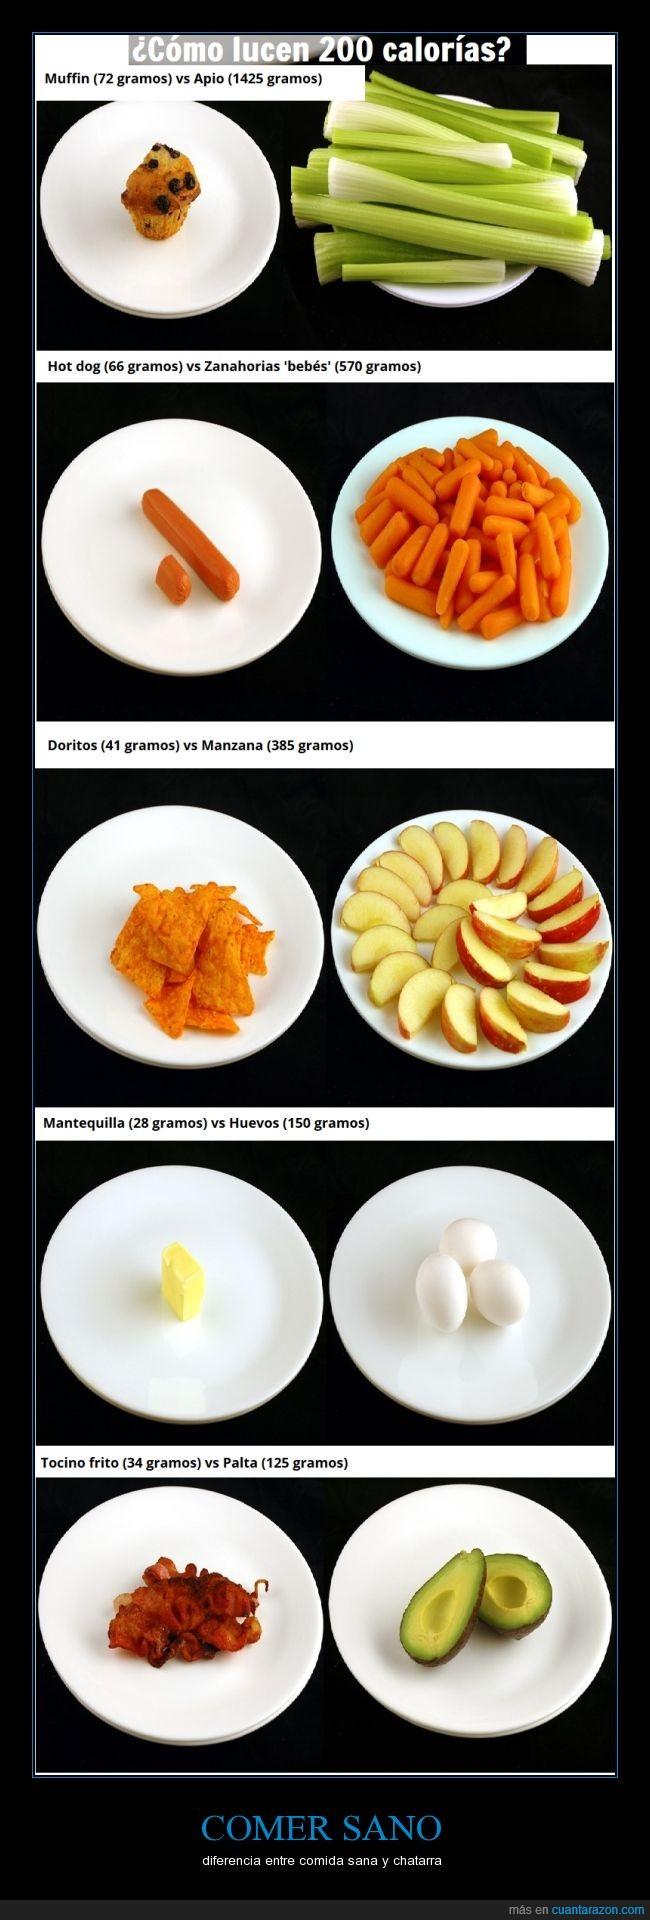 aguacate,dorilocos,doritos,entre 2500 y 2700 calorías por día,magdalenas,minimo,palta,salud